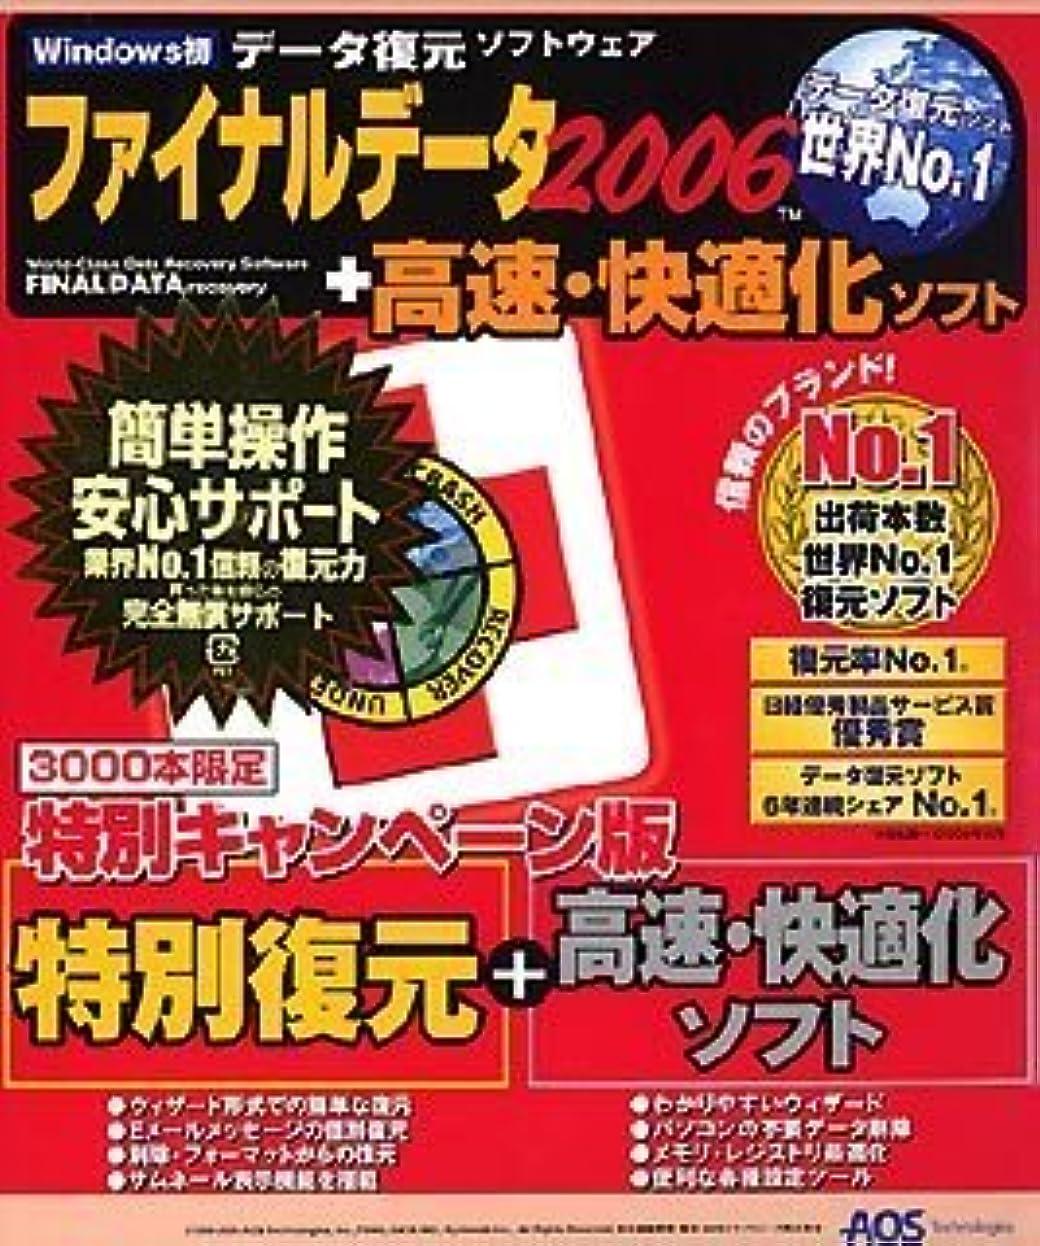 豆腐ヘッドレス苦ファイナルデータ2006 特別復元版 + 高速?快適化 3000本限定キャンペーン版